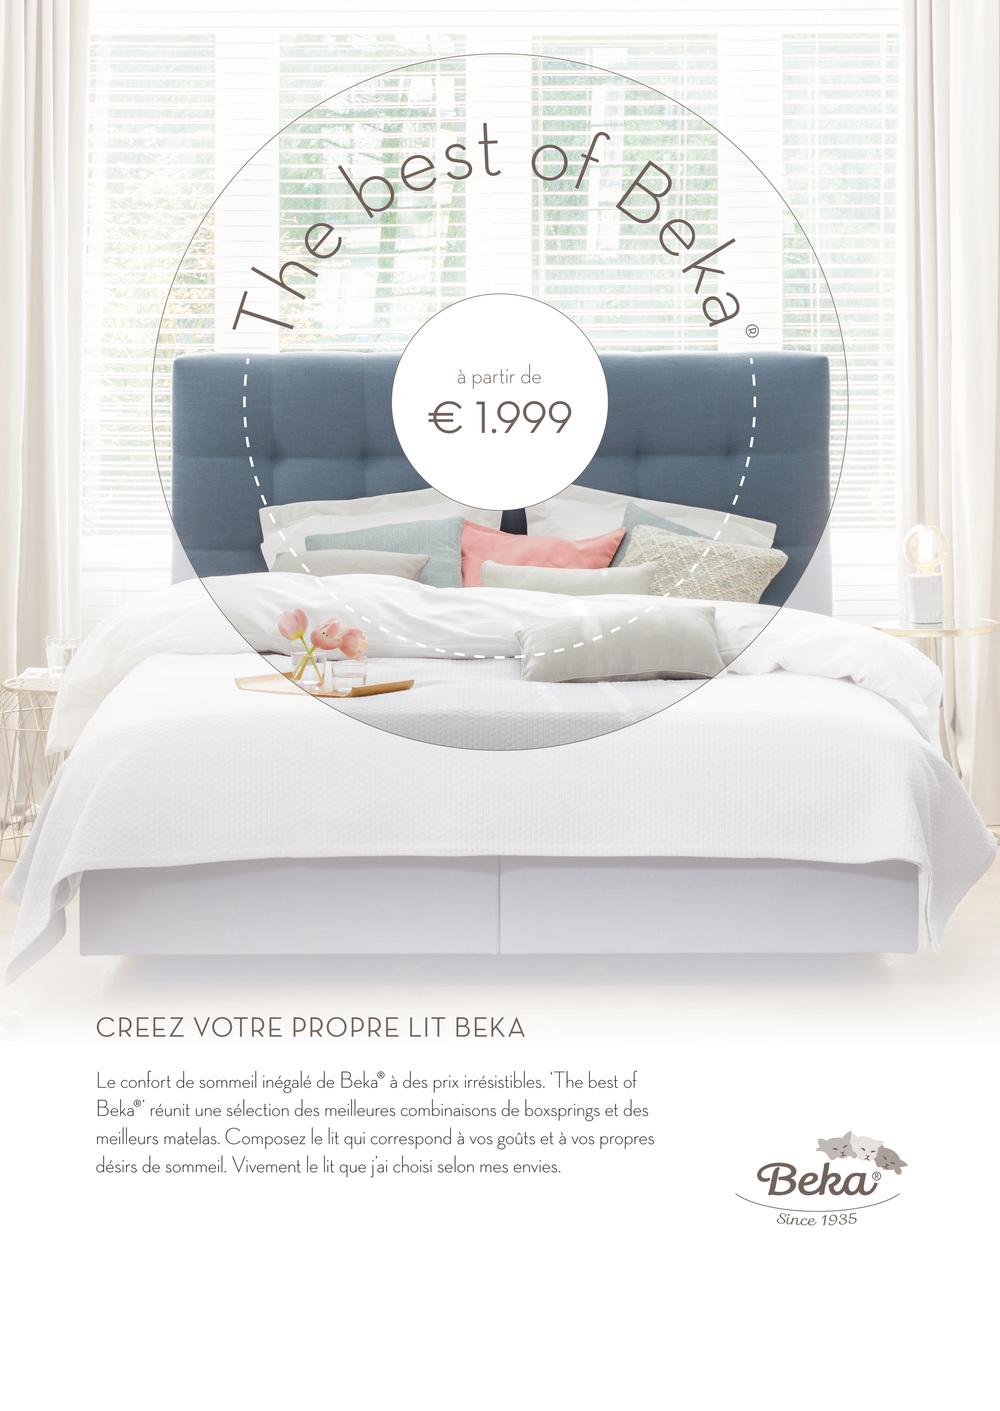 Créez votre propre lit Beka.